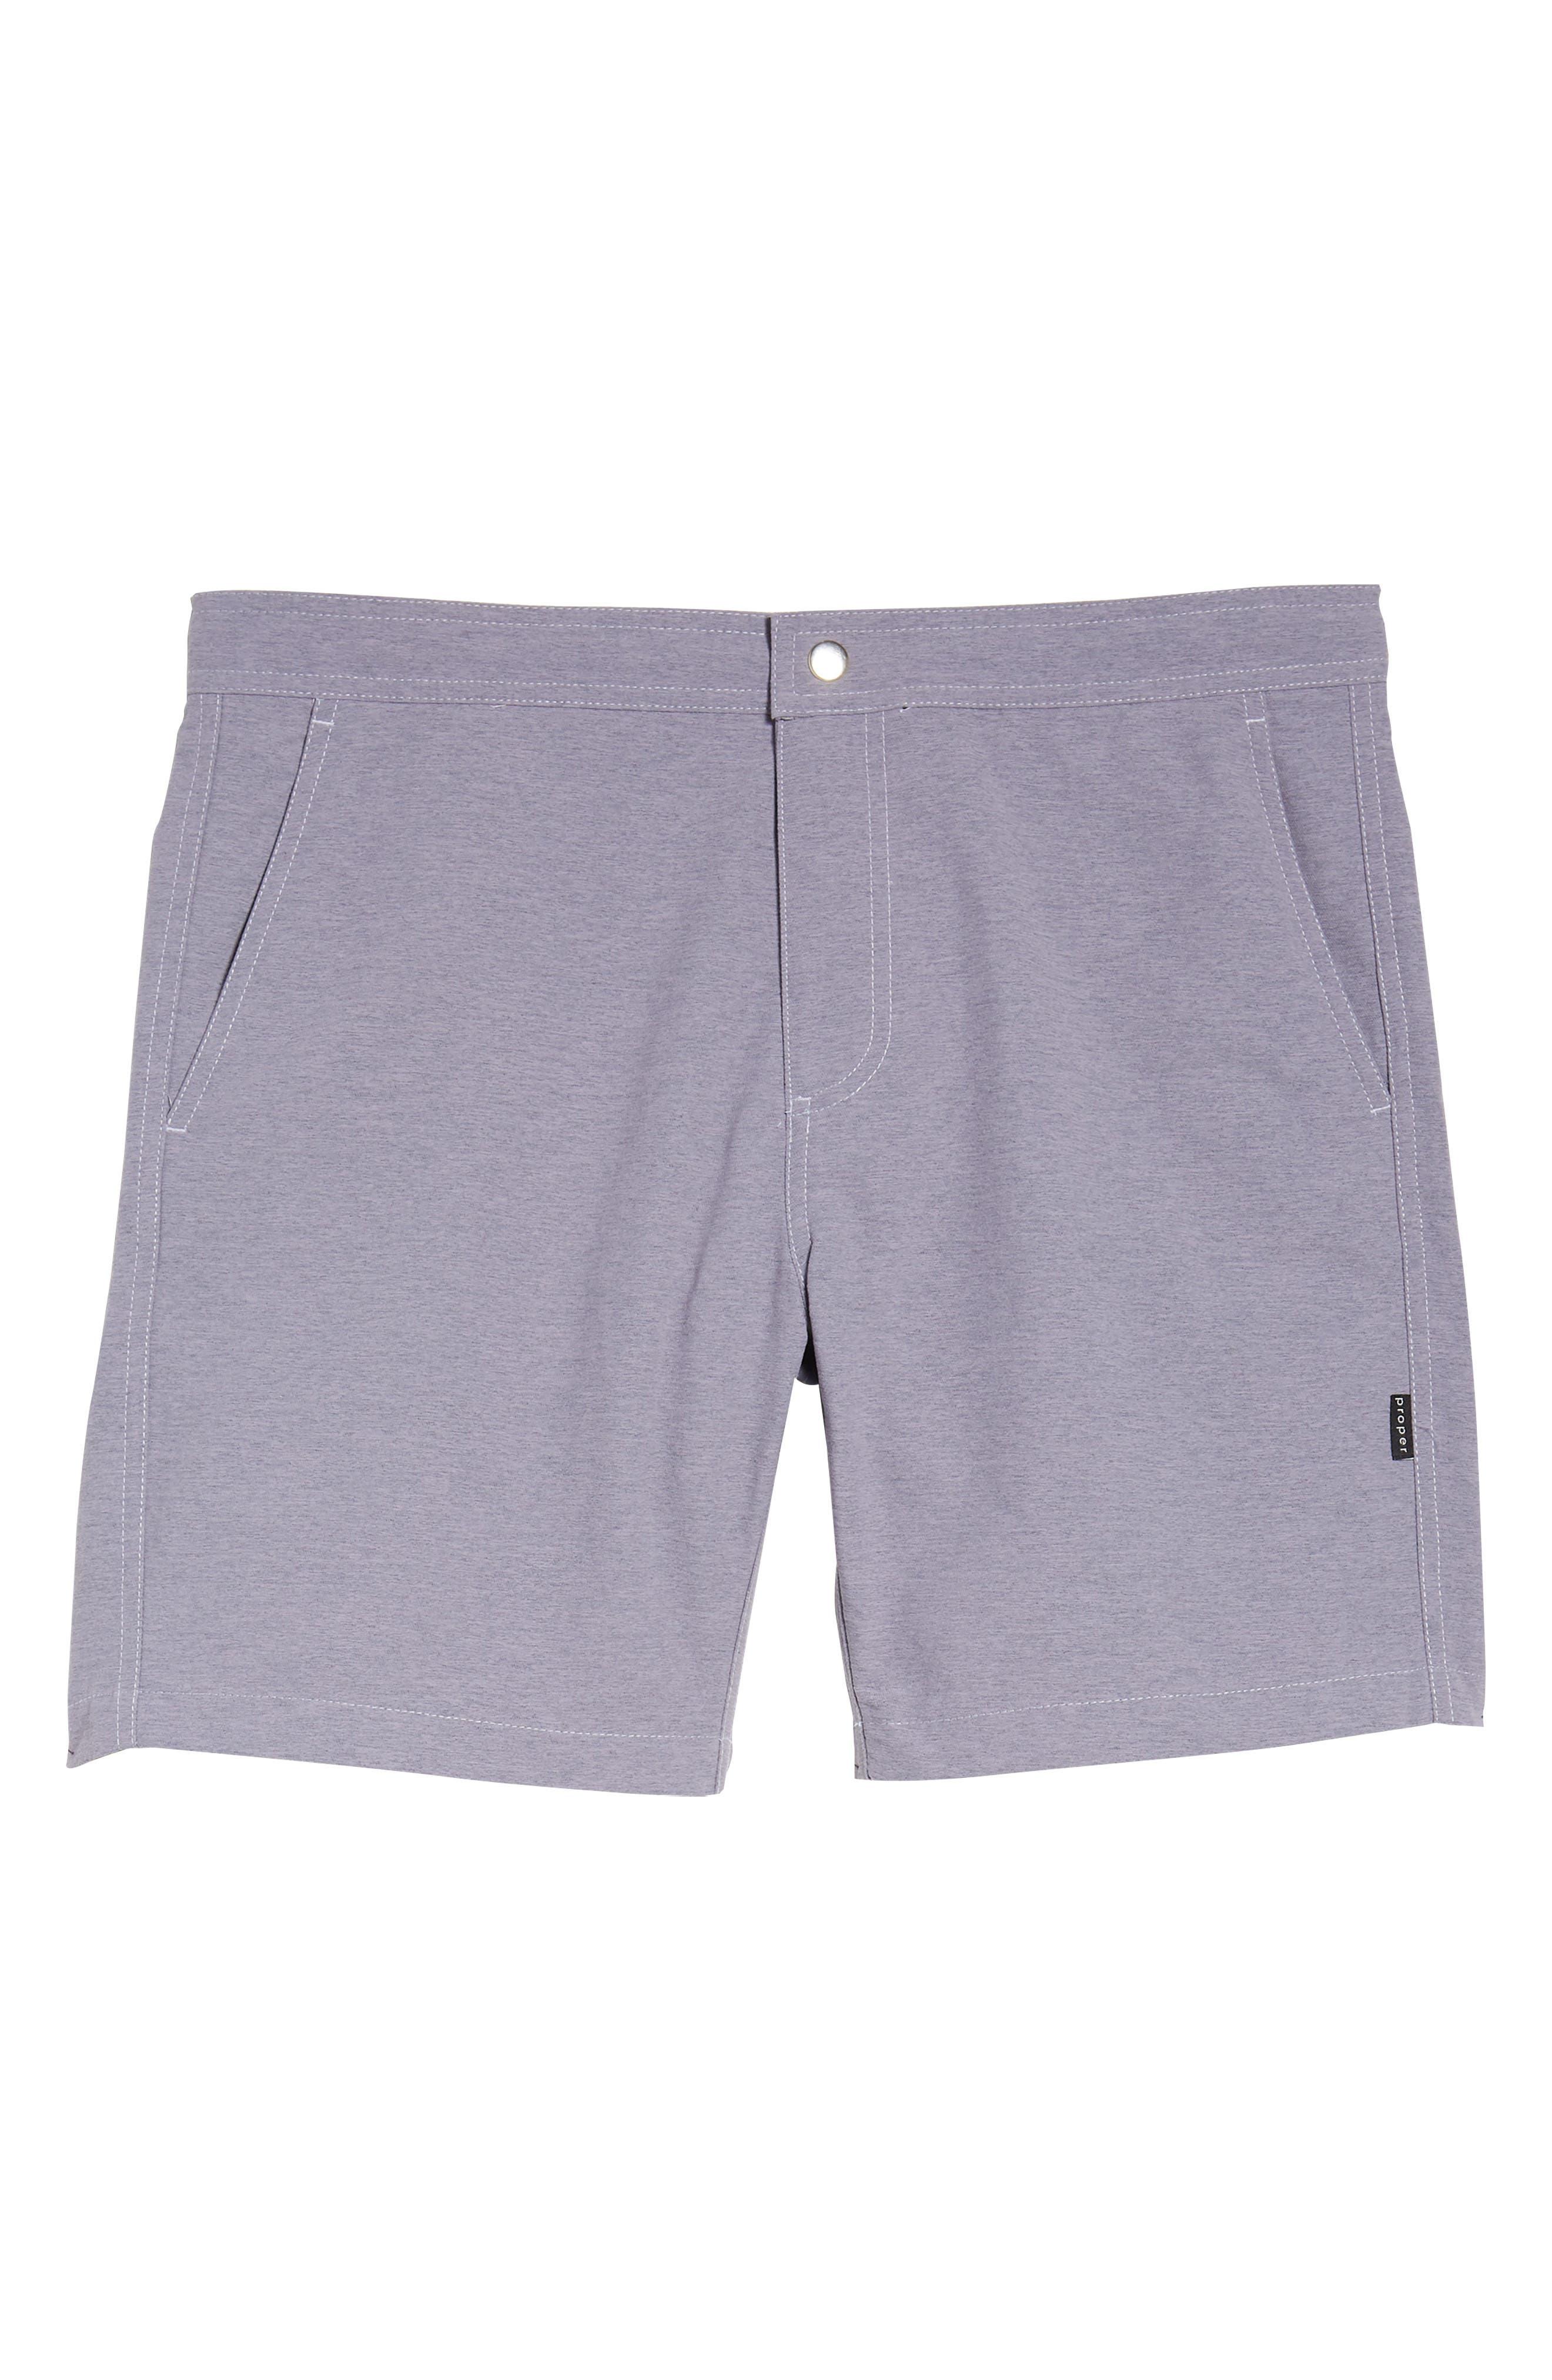 Bond Hybrid Shorts,                             Alternate thumbnail 6, color,                             Venice Purple